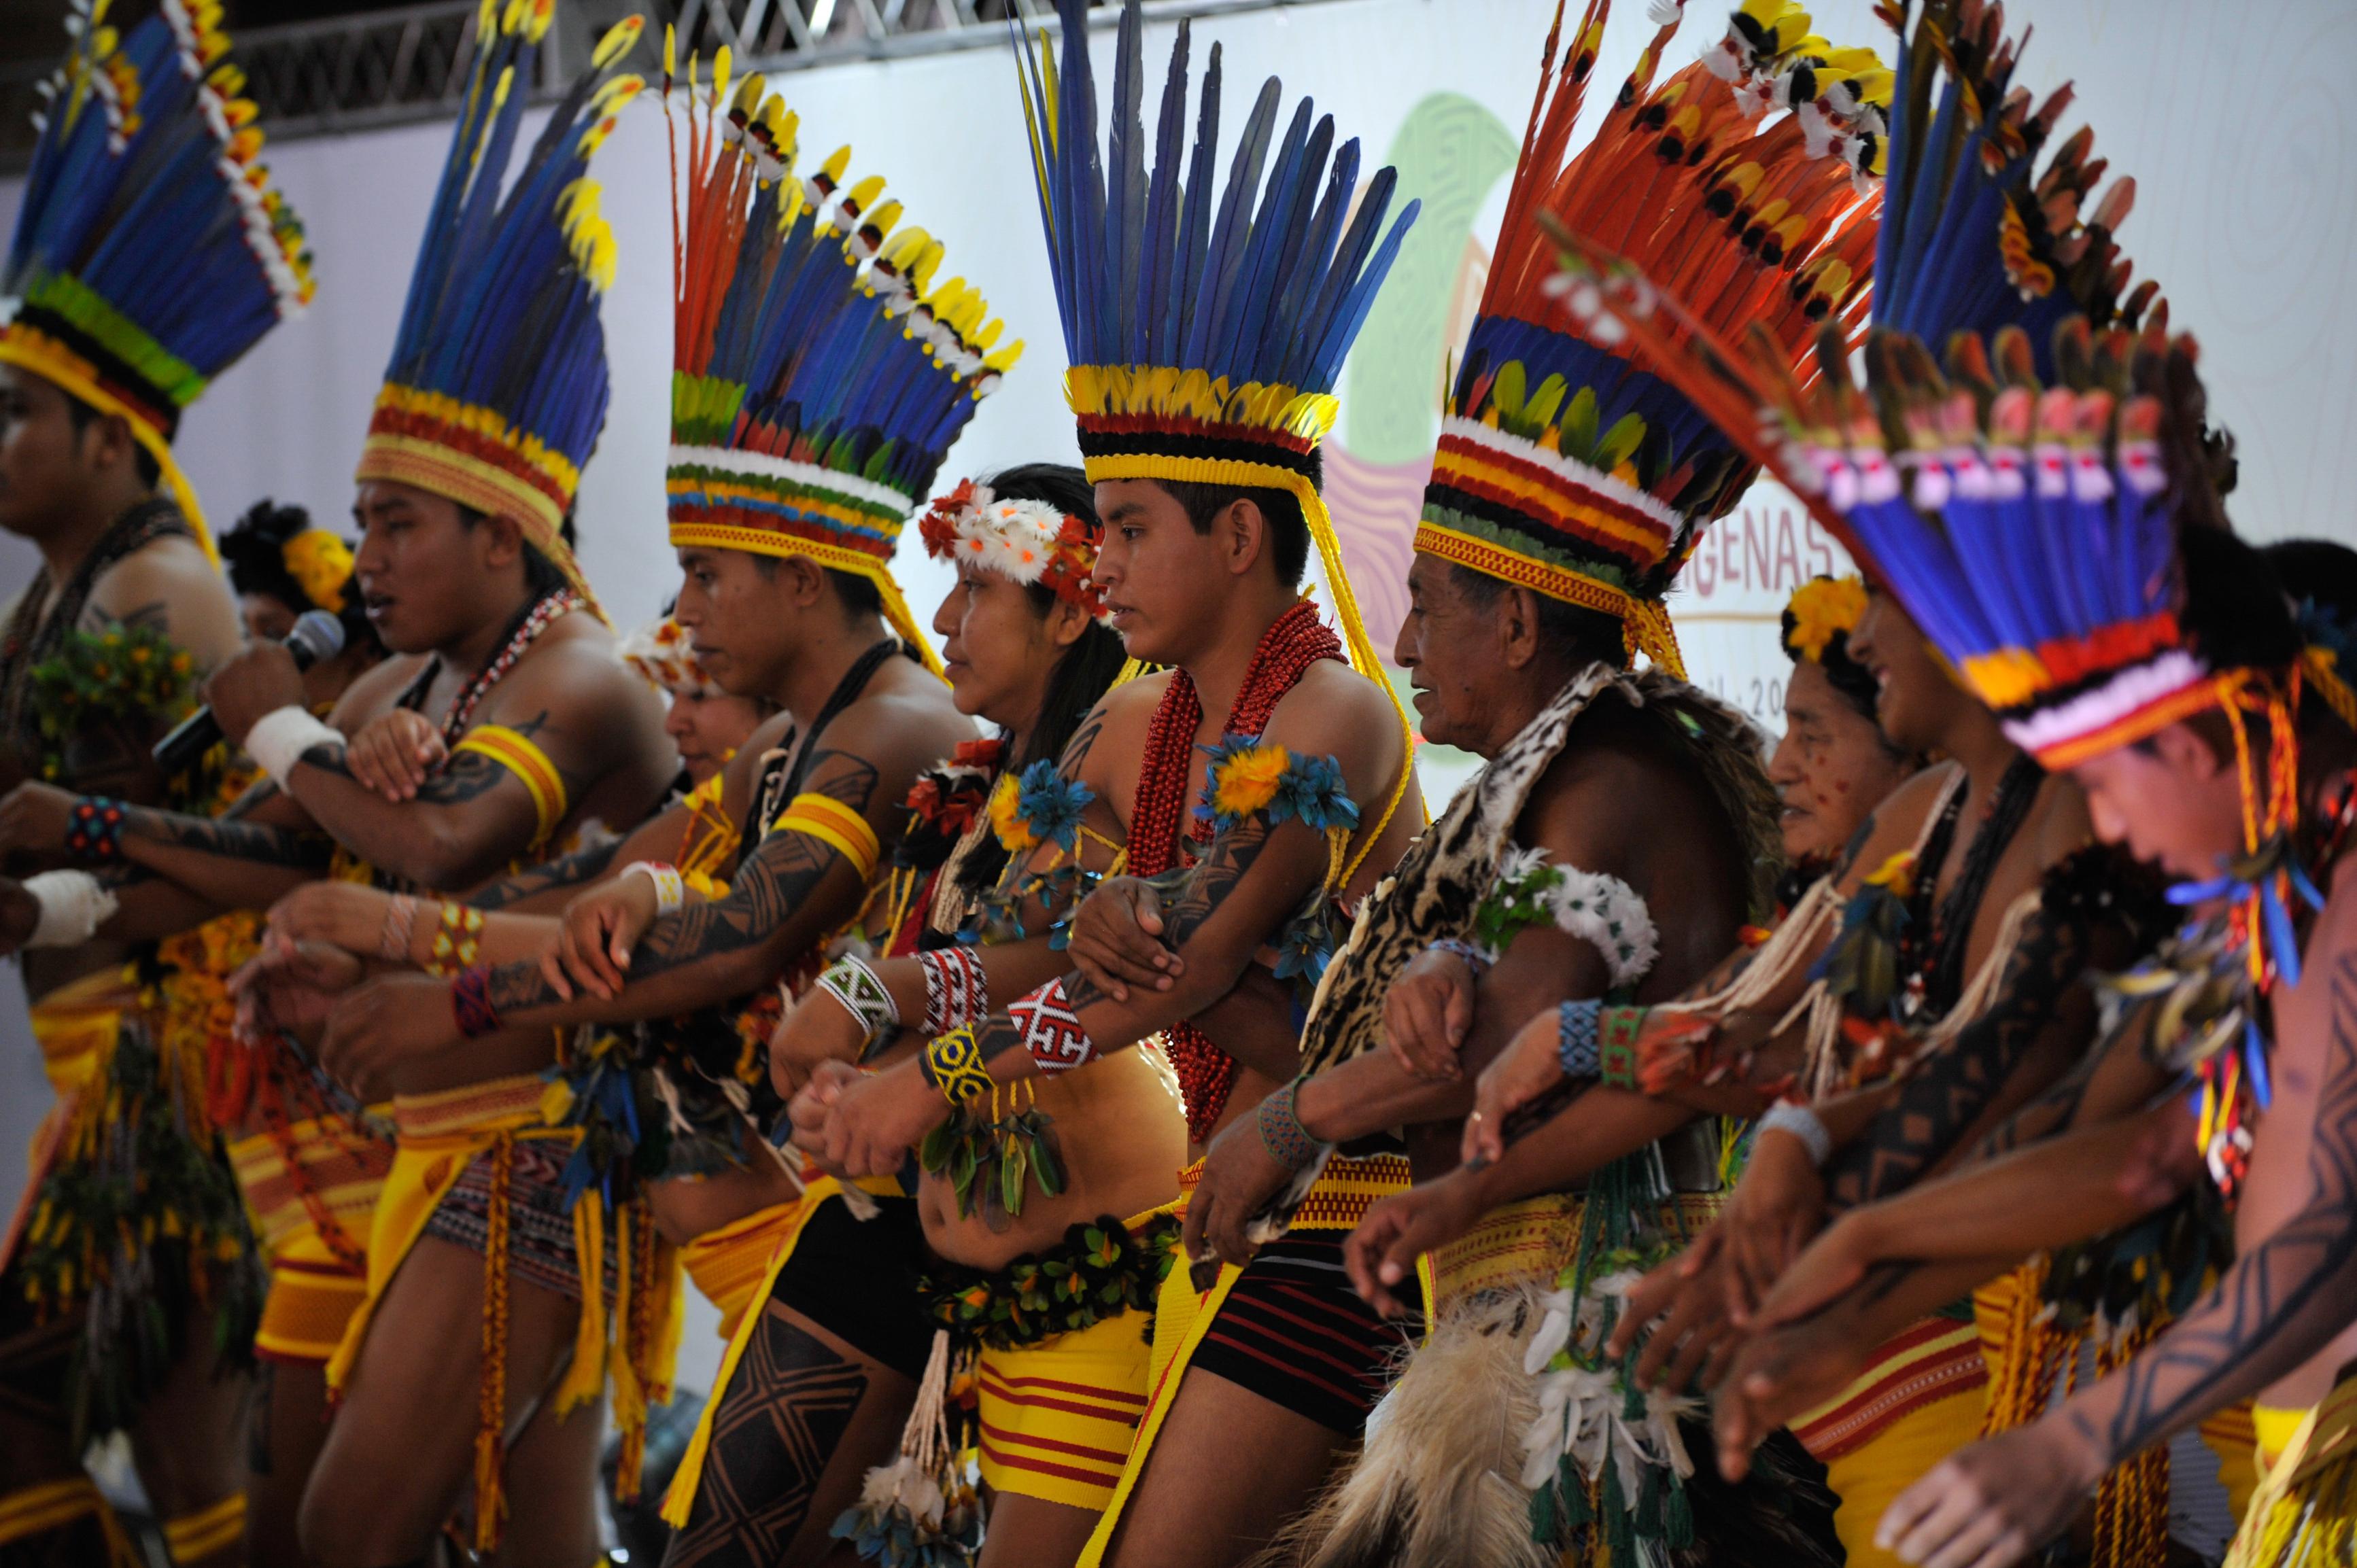 A pesquisa também mapeou invasões de terras indígenas, exploração ilegal de recursos naturais e danos diversos ao patrimônio dessas populações.